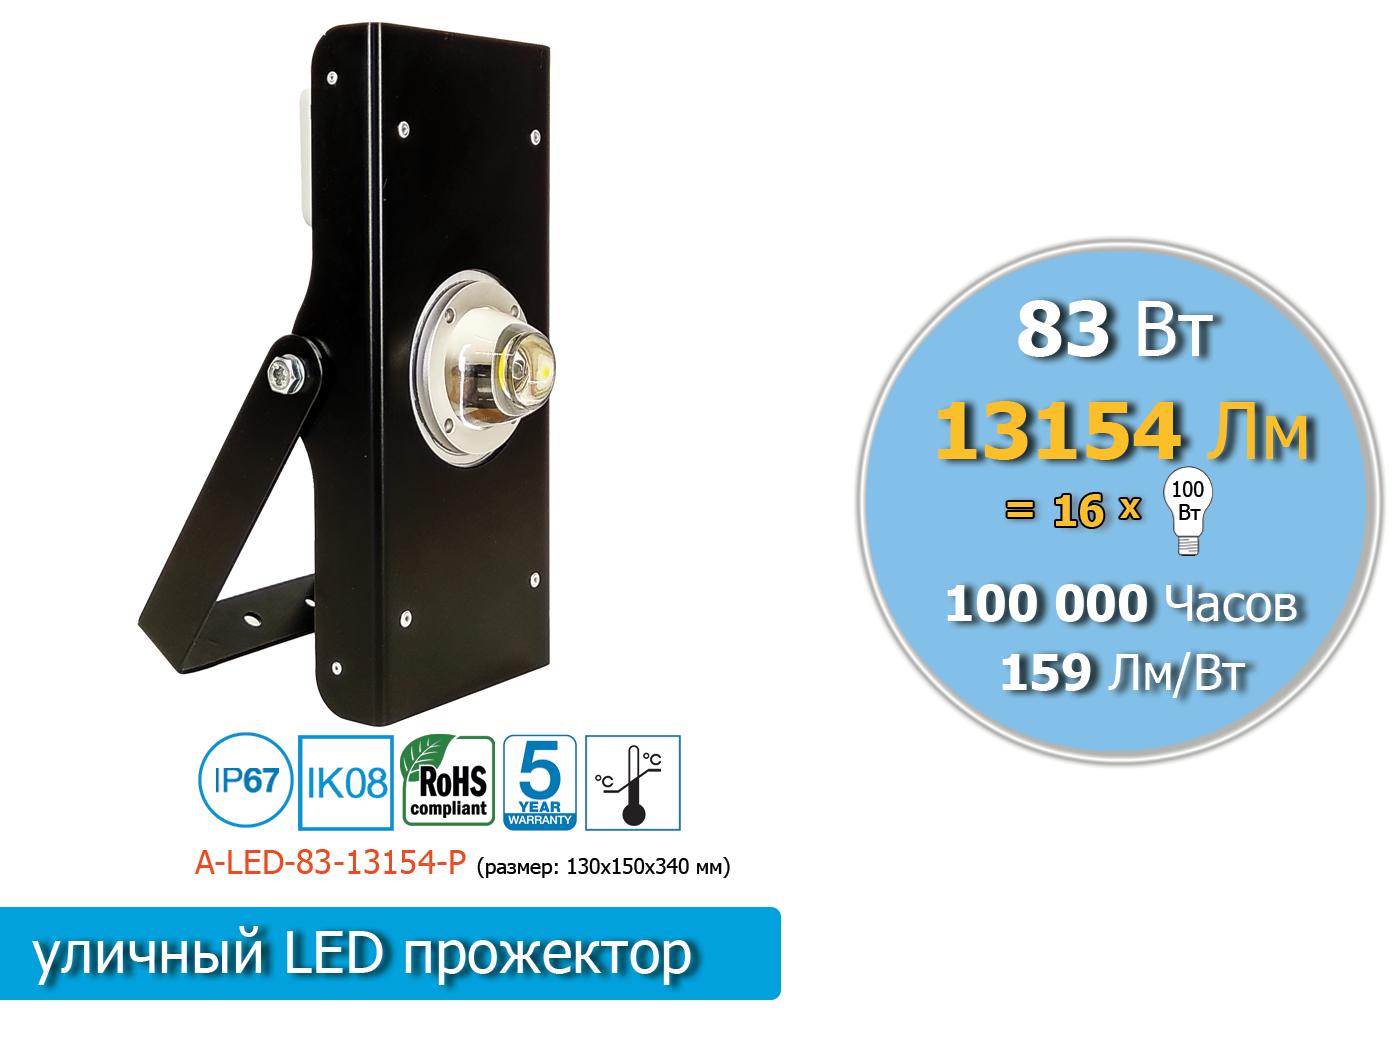 A-LED-83-13154-P